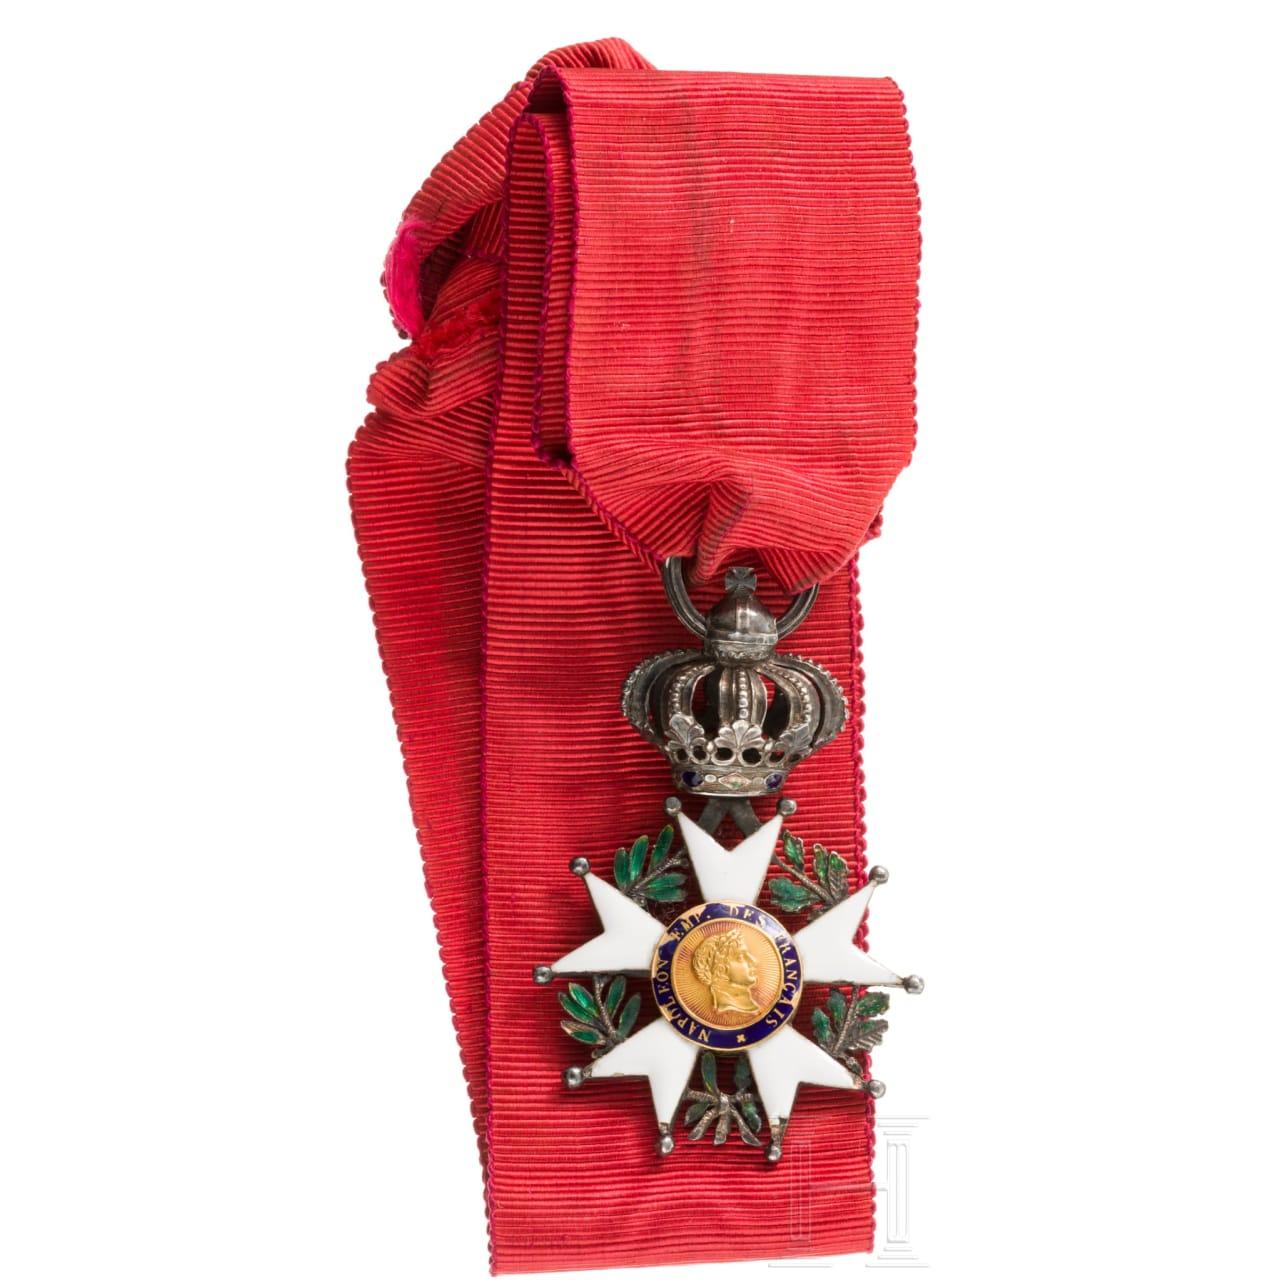 Orden der Ehrenlegion (Légion d'honneur)